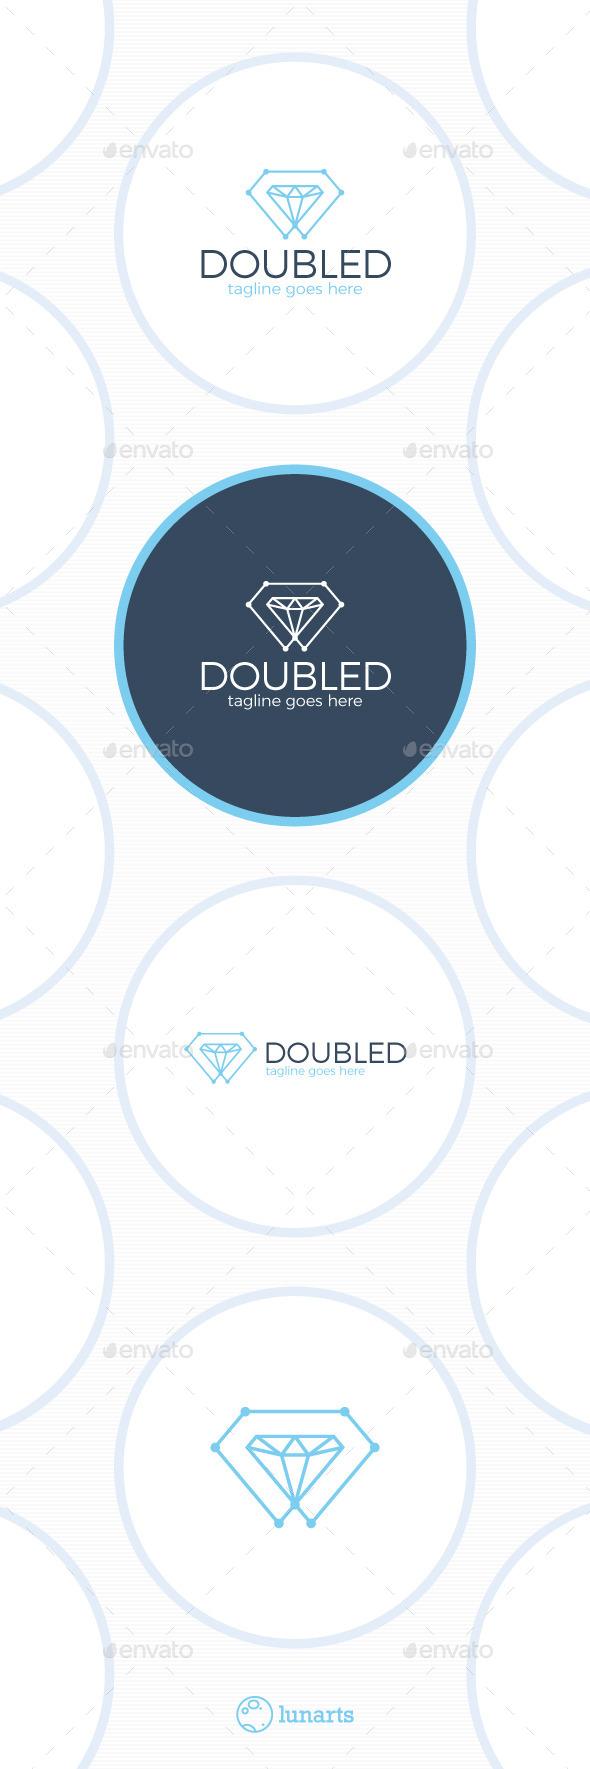 Double Diamond Tech Logo